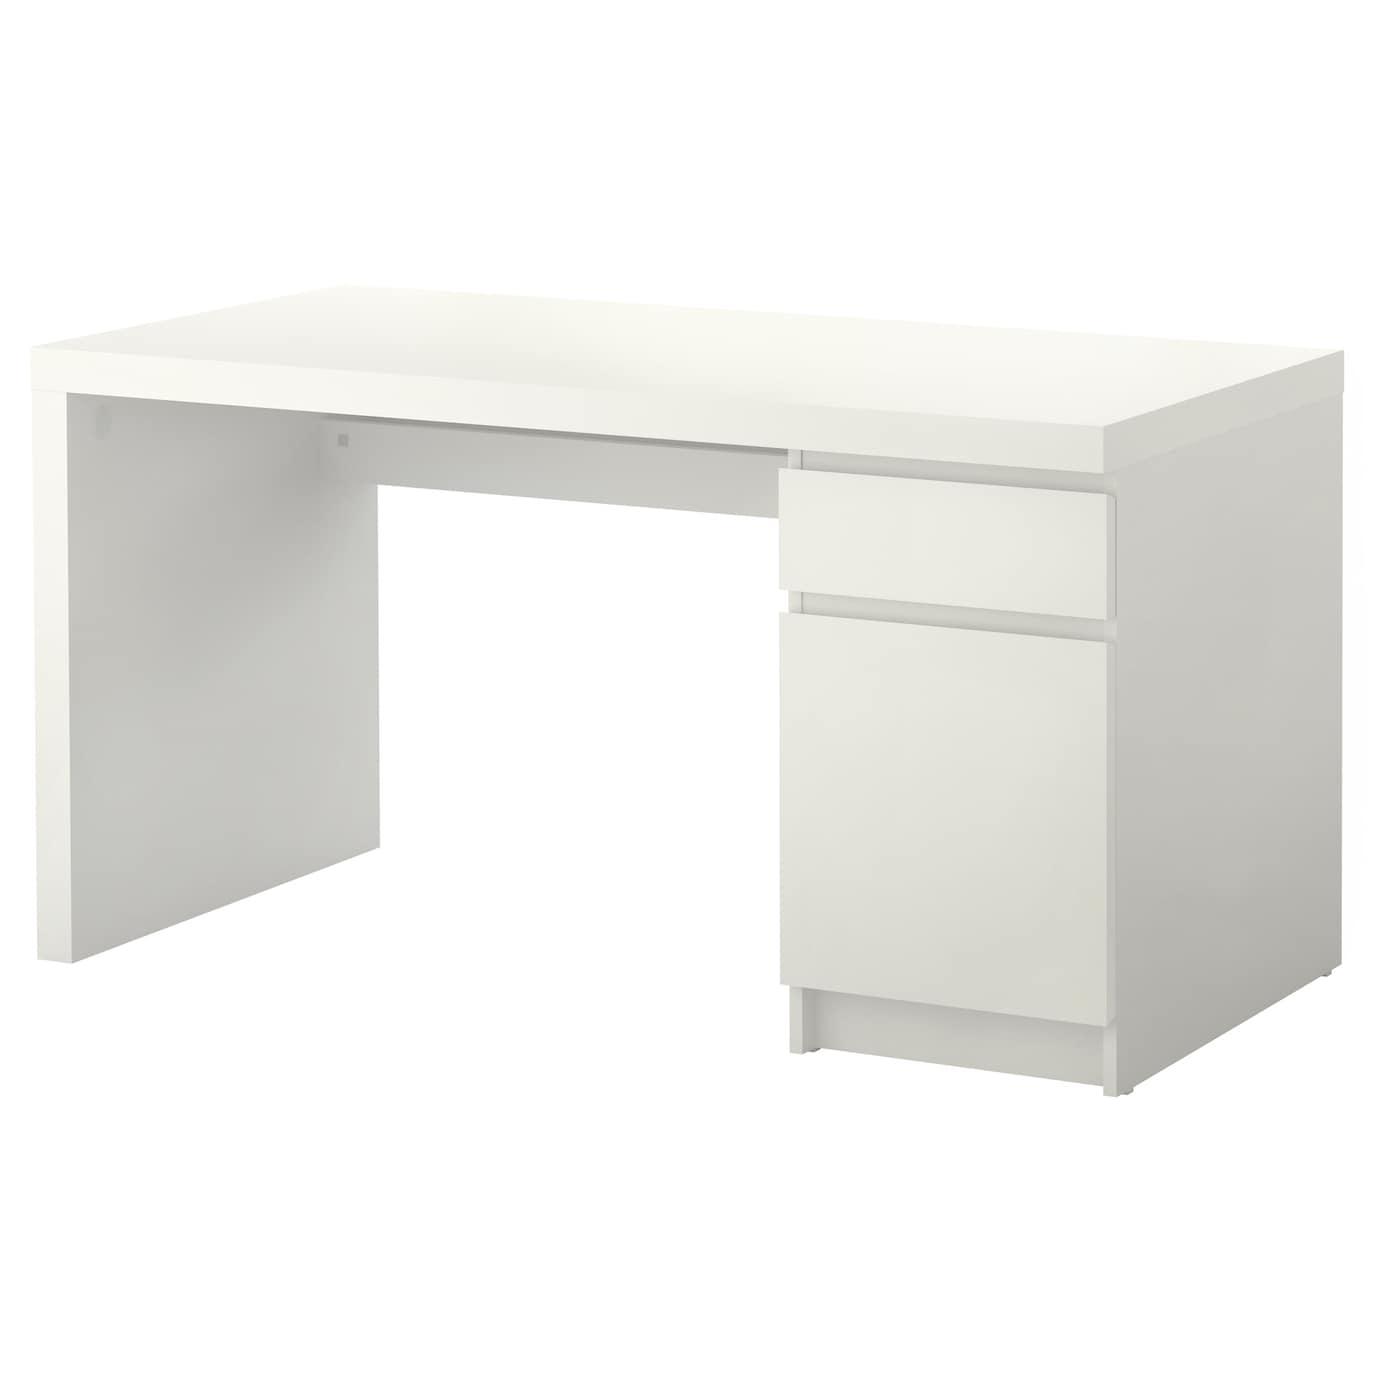 MALM Kommode mit 2 Schubladen - weiß - IKEA